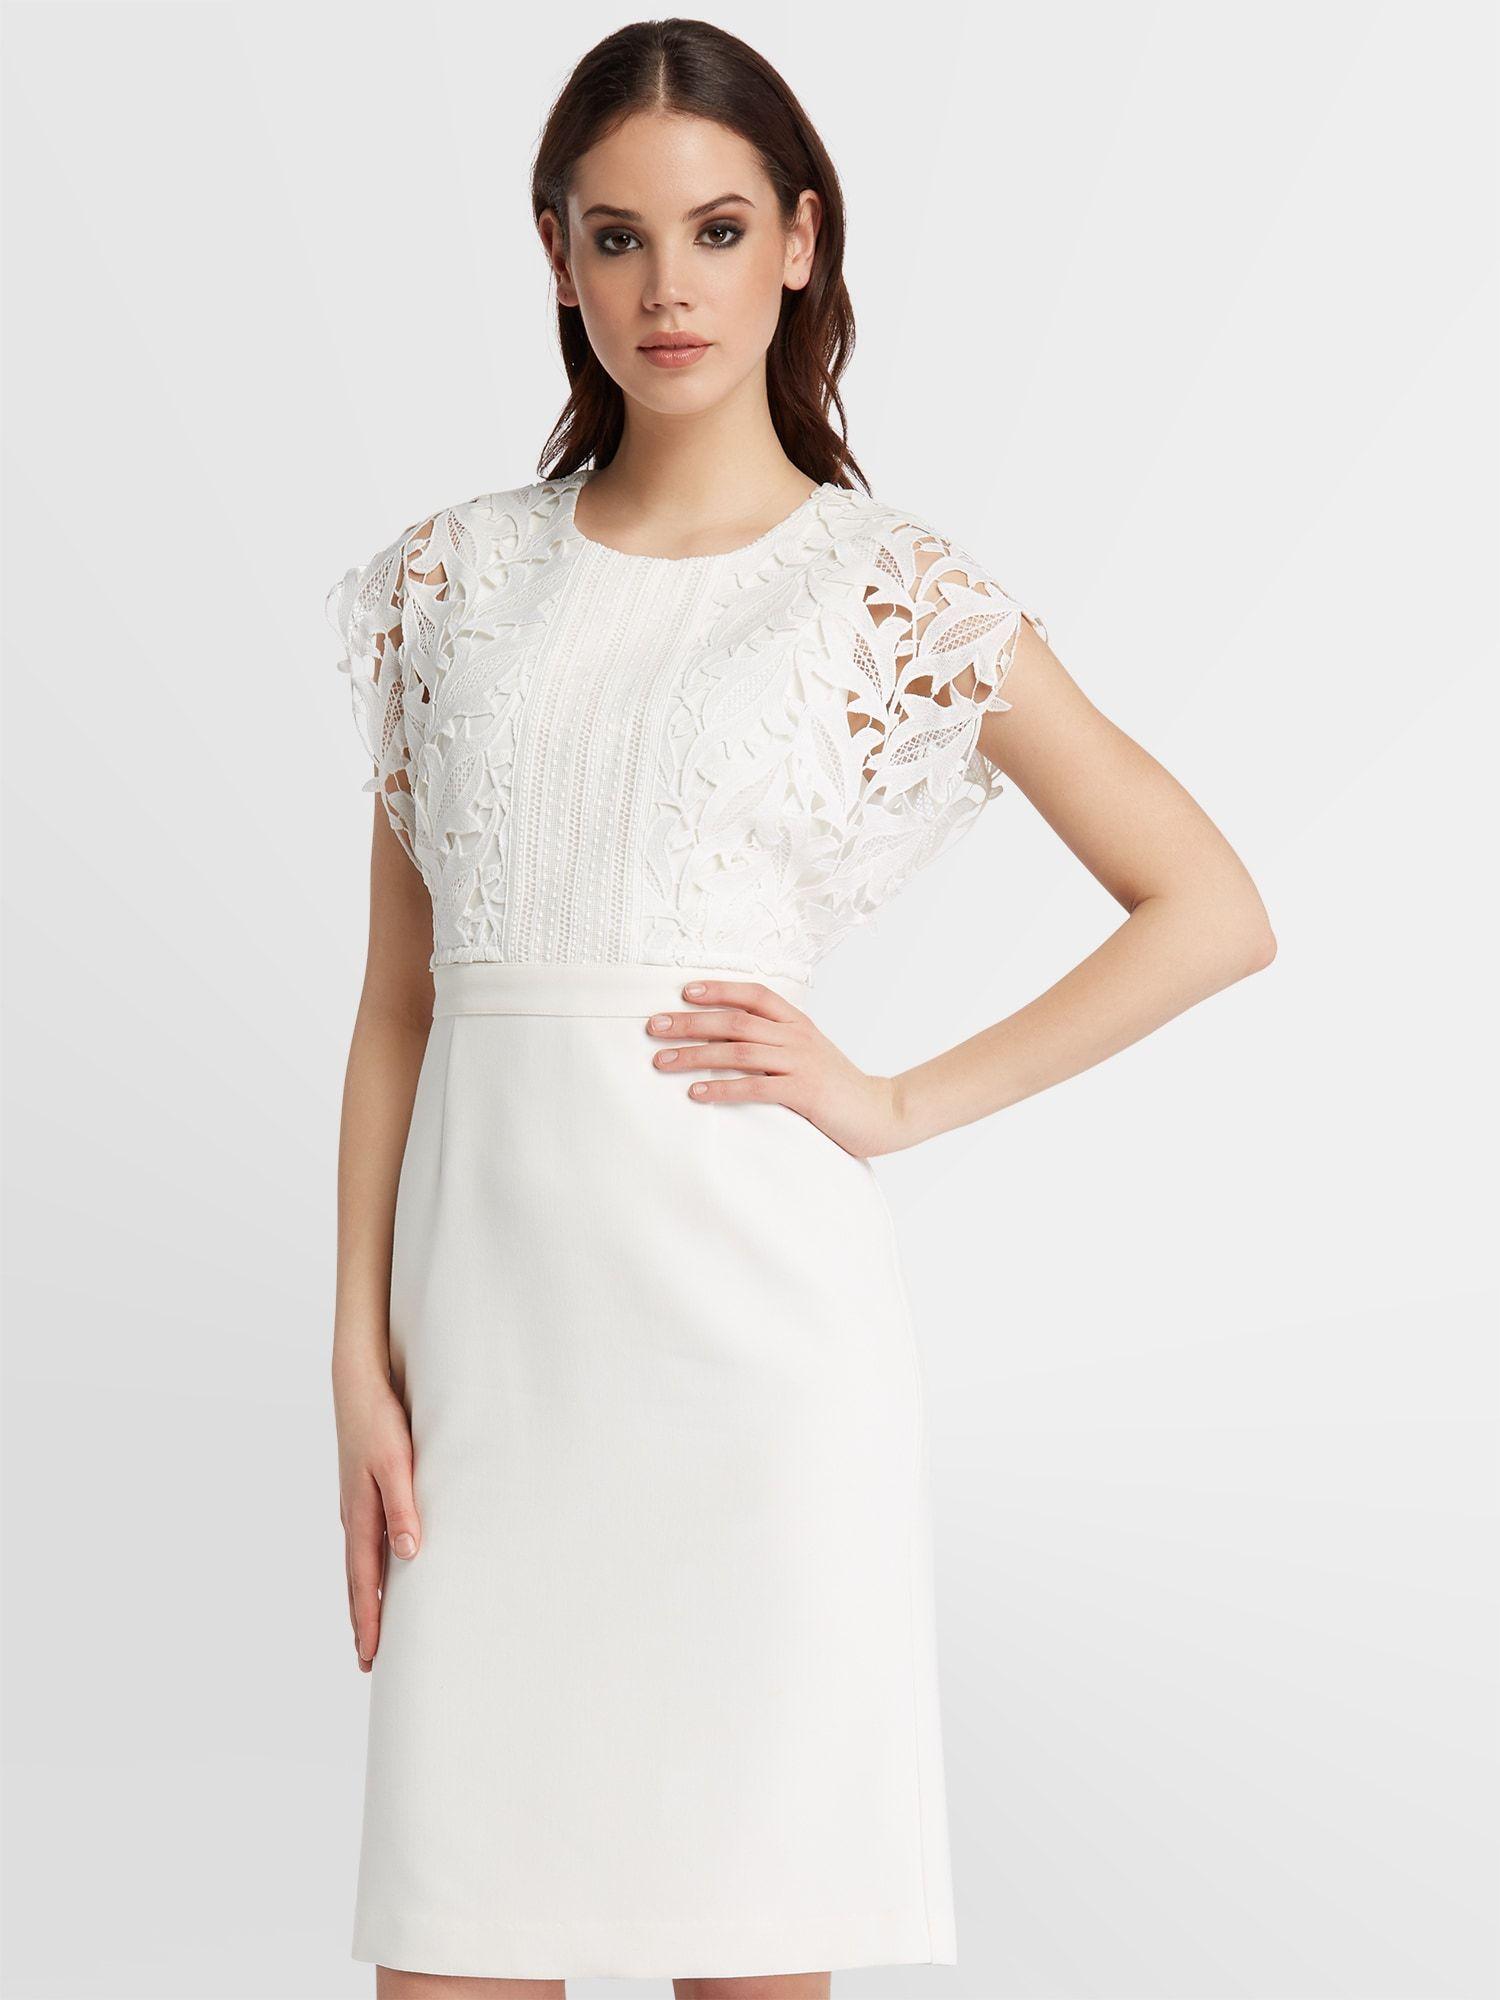 APART Hochzeitskleid Damen, Weiß, Größe 10 #weißekleiderkurz APART